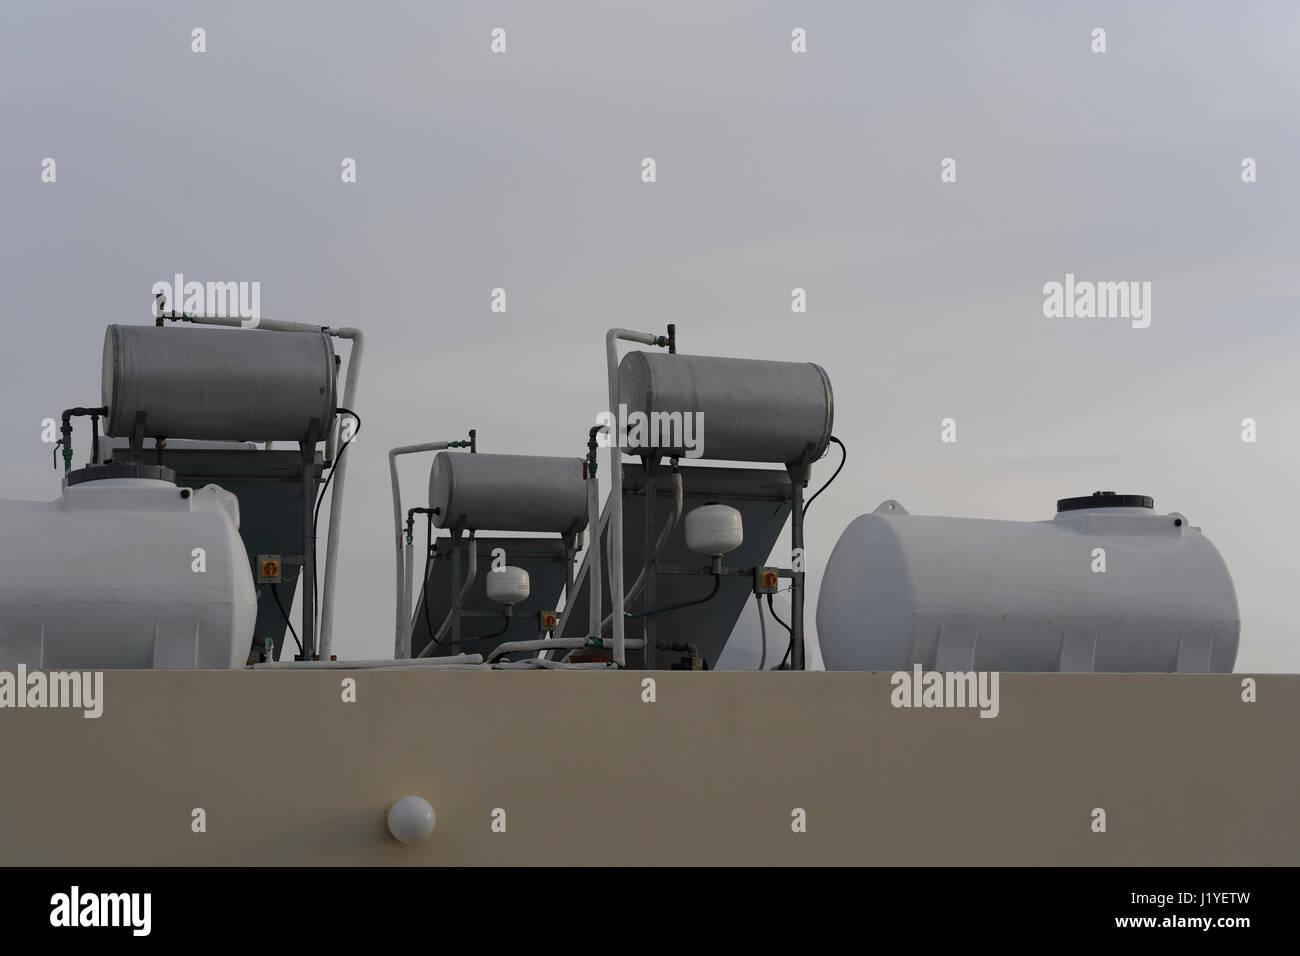 Monté sur le toit des unités de chauffage solaire de l'eau à Chypre contre un ciel gris Photo Stock